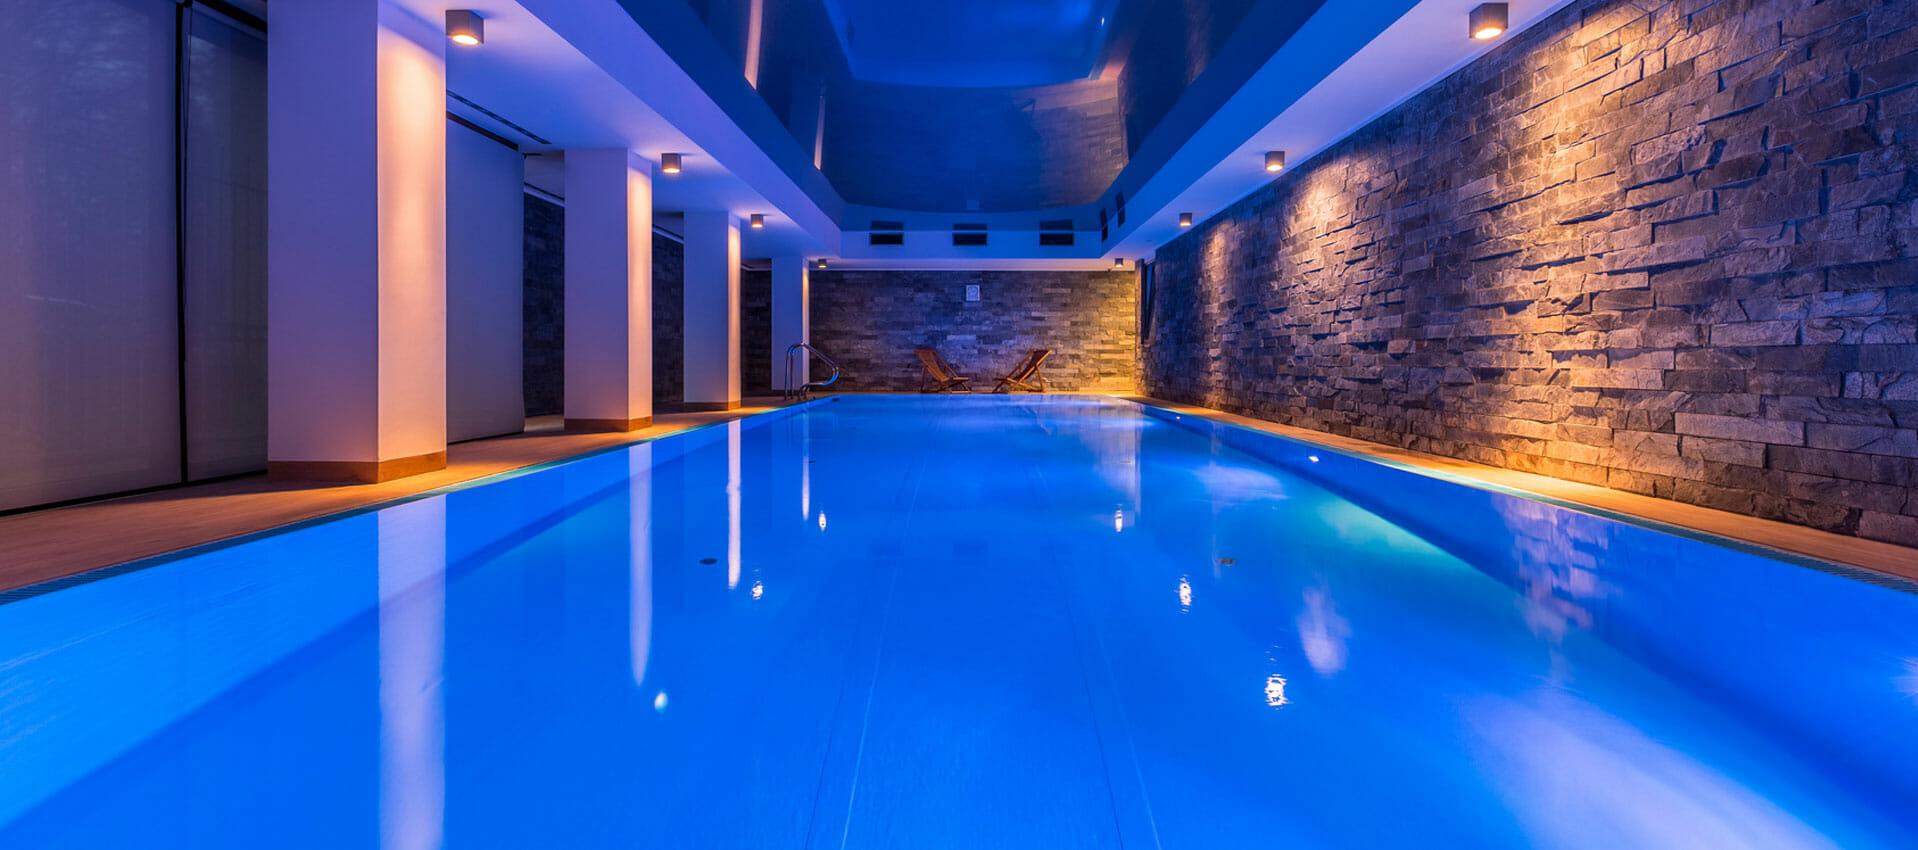 Entreprise piscine miroir et piscine d bordement en suisse for Piscine miroir coque